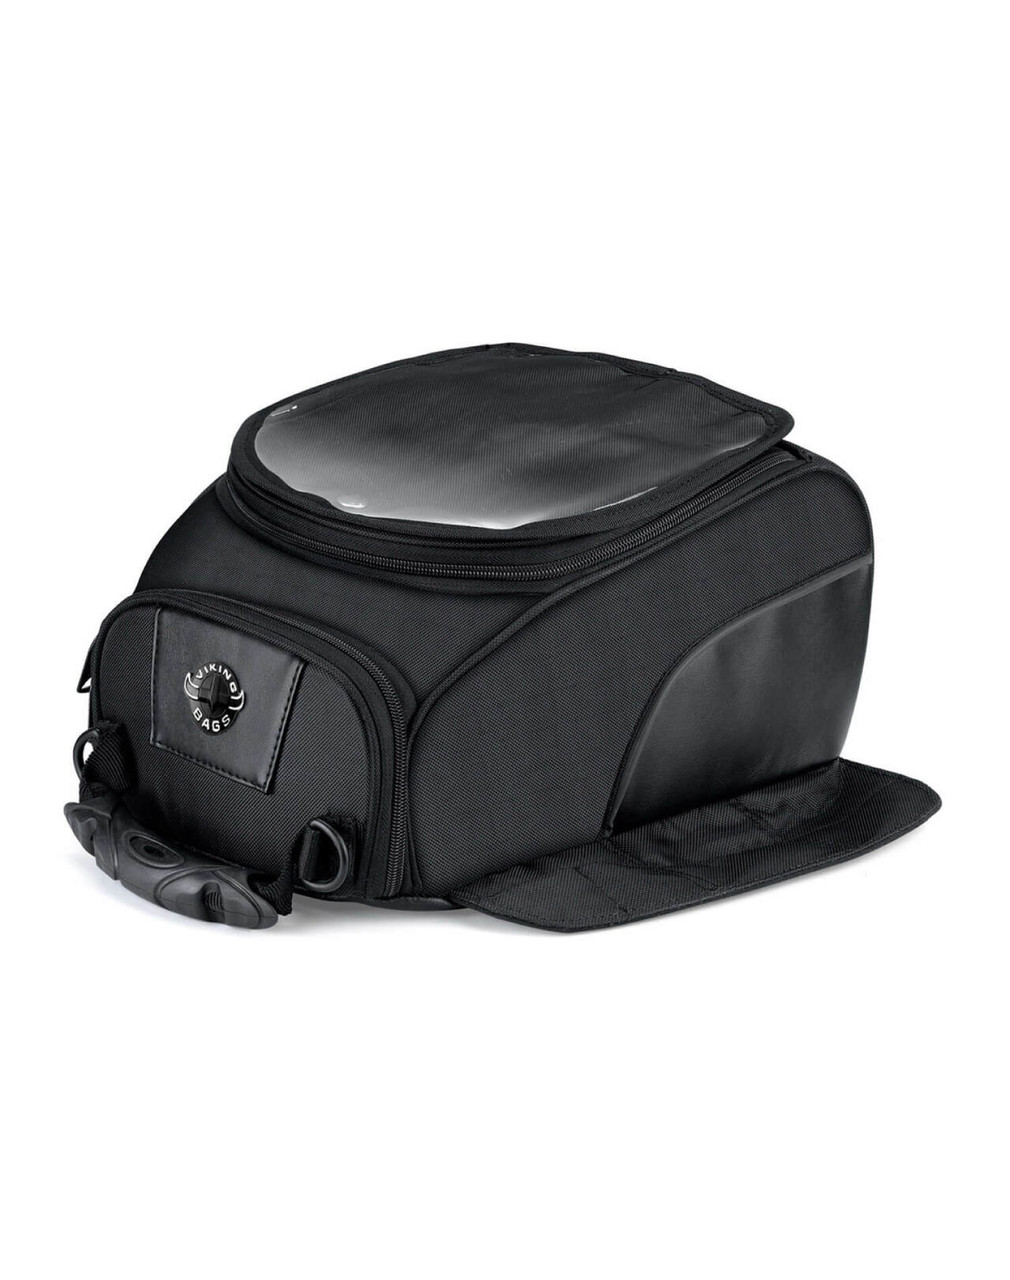 VikingBags 14 Large Honda Magnetic Motorcycle Tank Bag Main Bag View